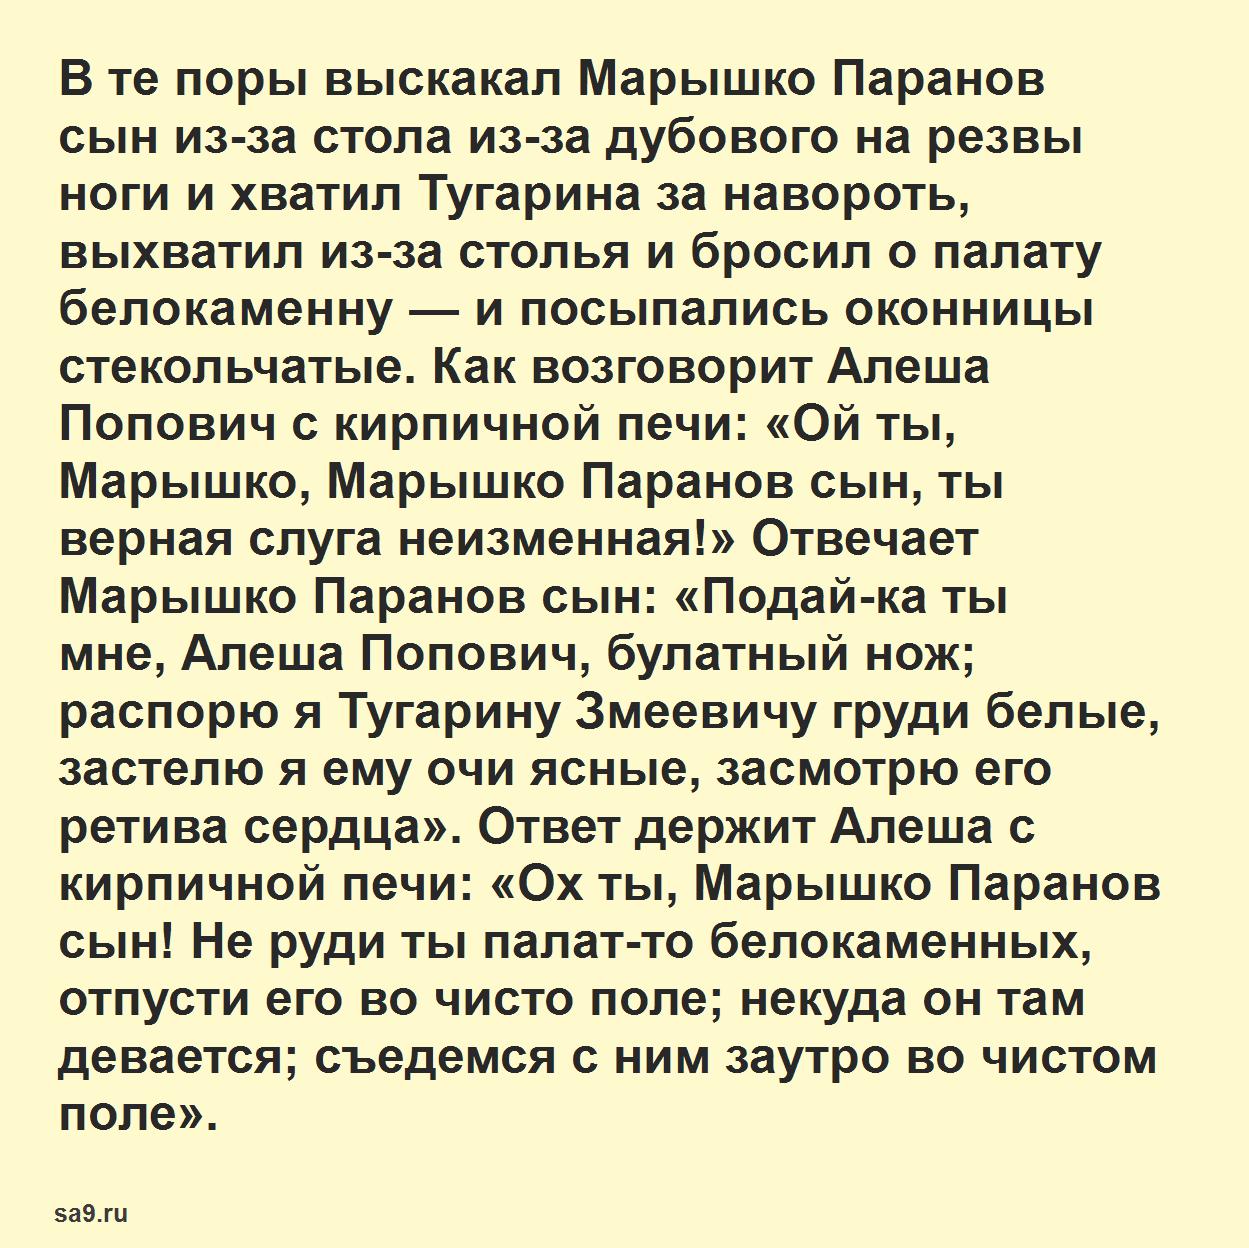 Алеша Попович - русская народная сказка, читать полностью